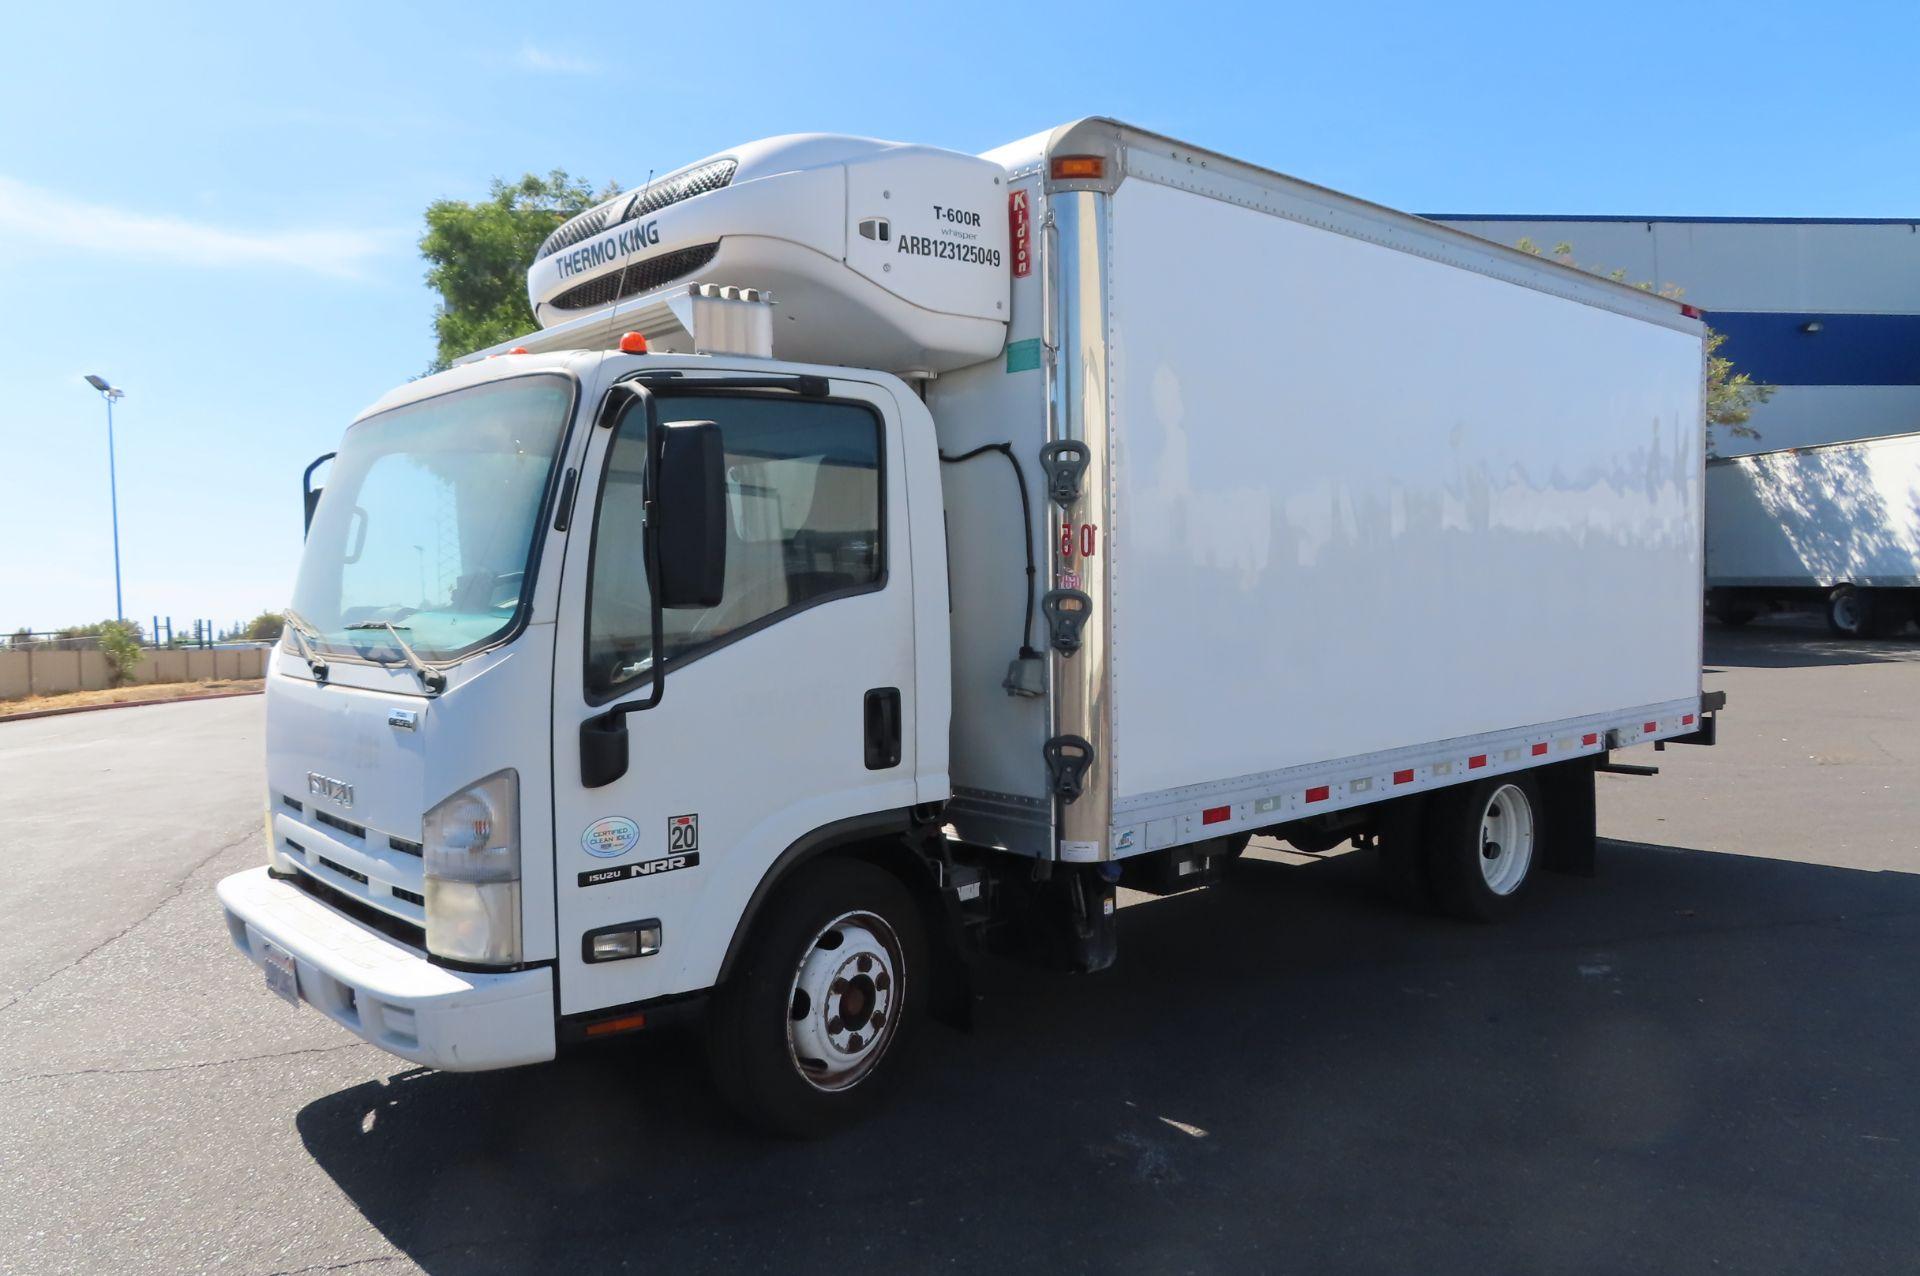 2012 Isuzu refrigerated truck - Image 2 of 10